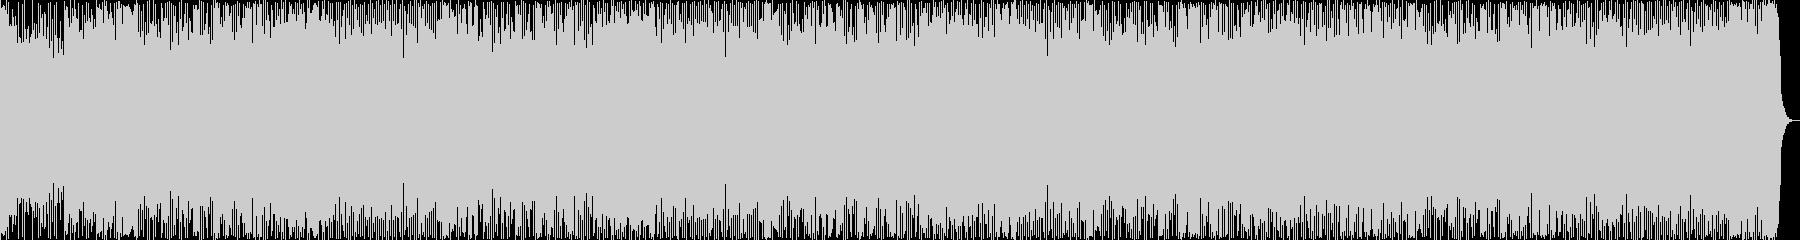 勇壮、スロー、ダークなメタルBGMの未再生の波形